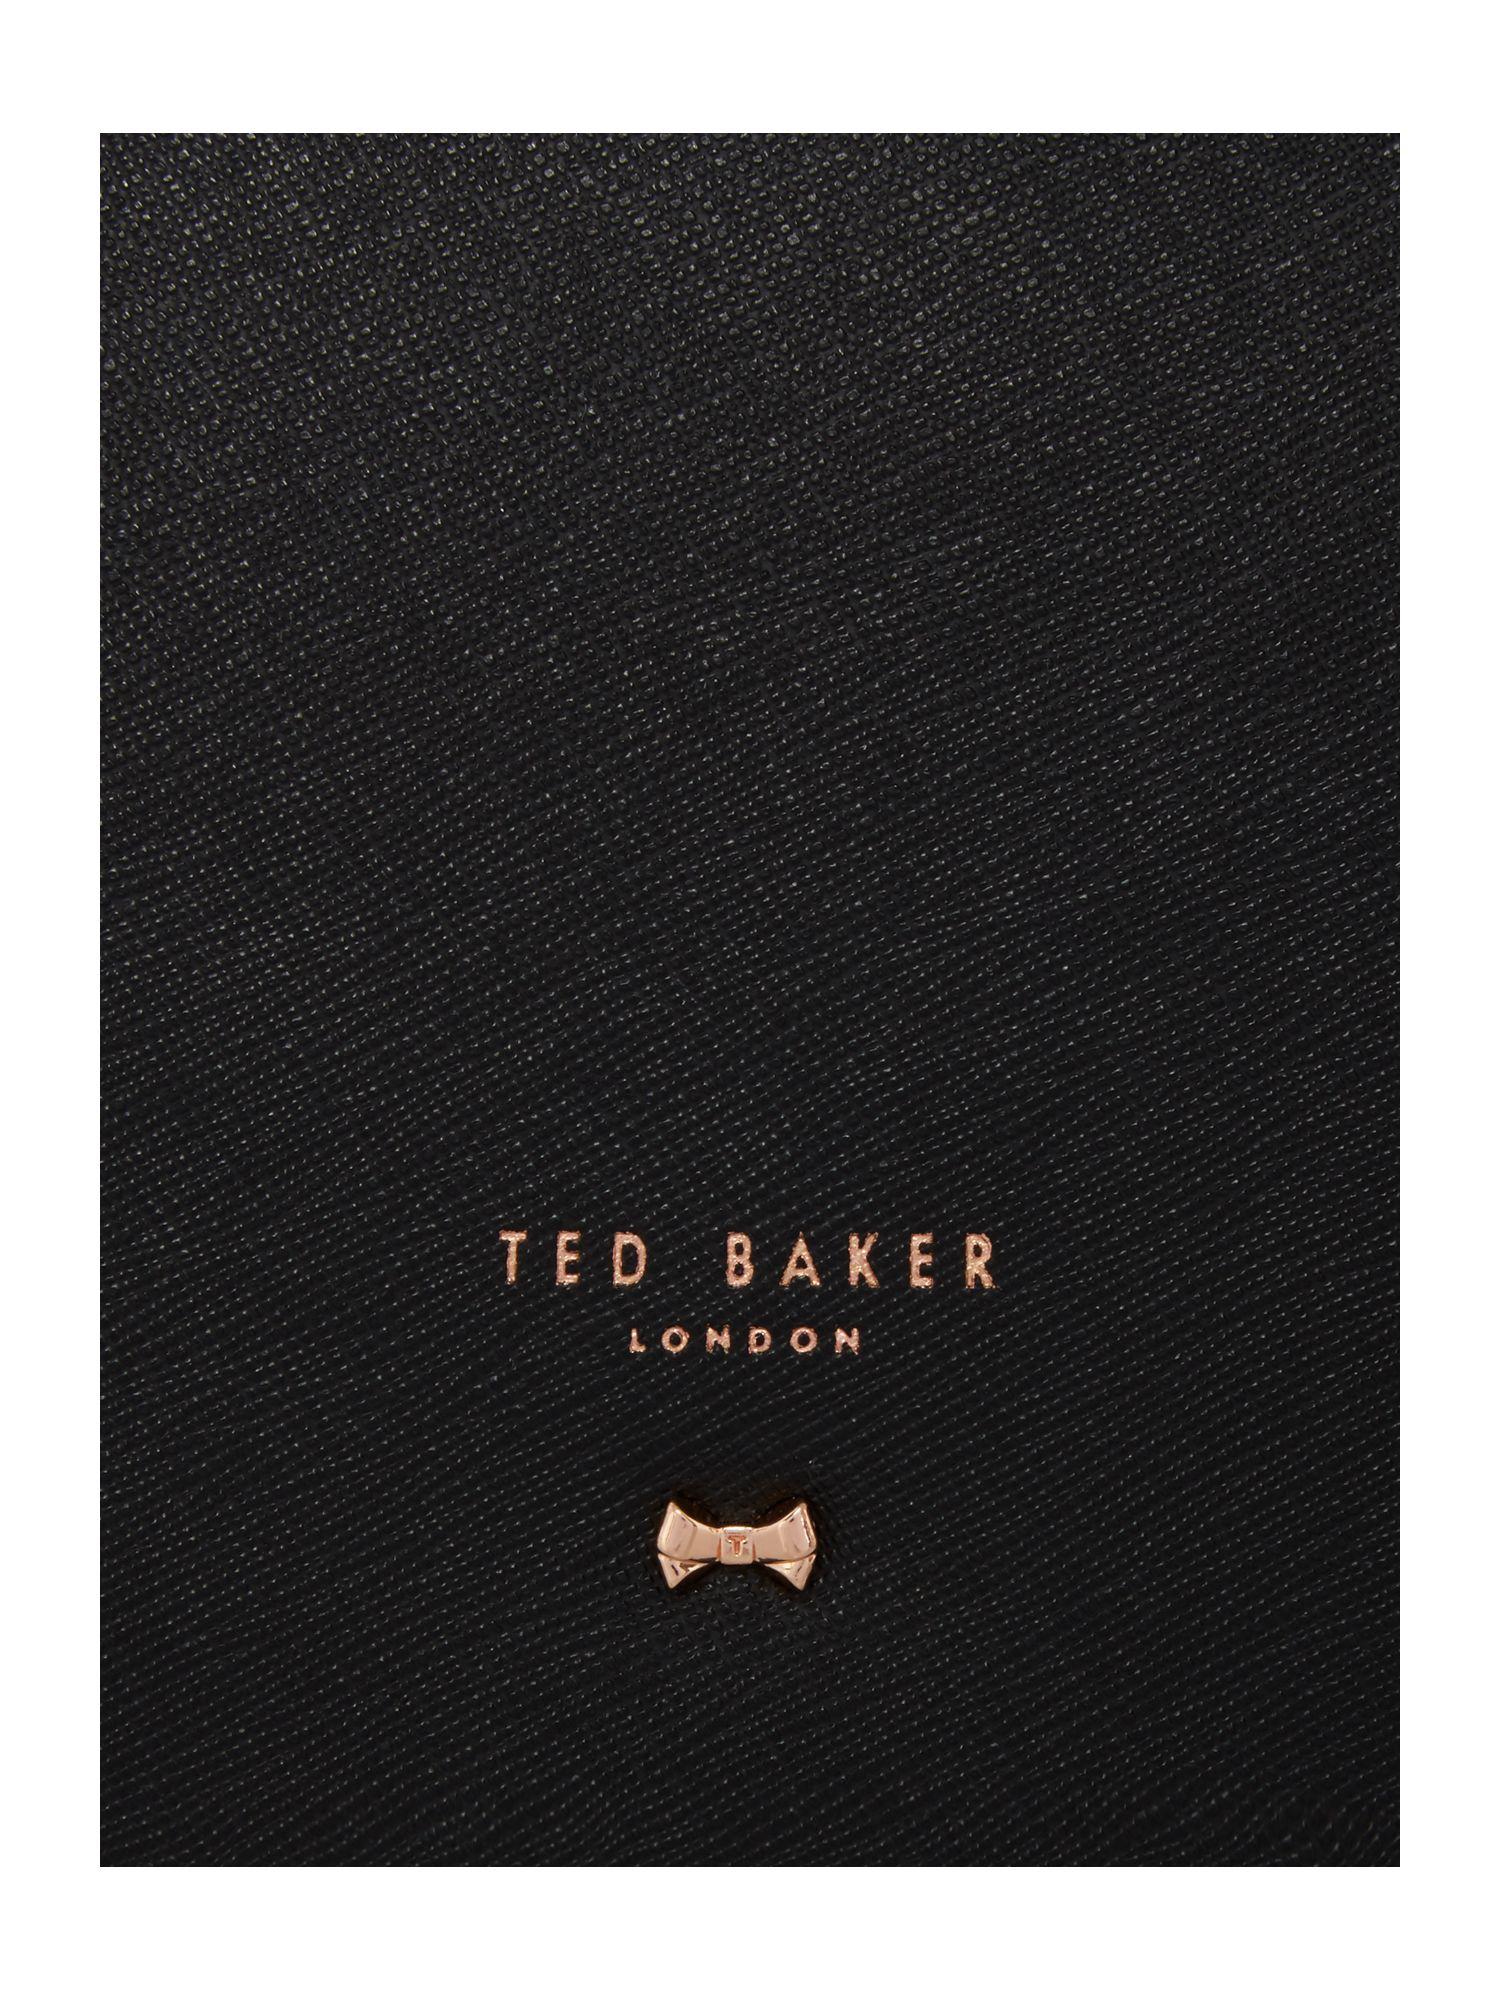 Ted Baker Leather Sevina Black Large Tote Bag